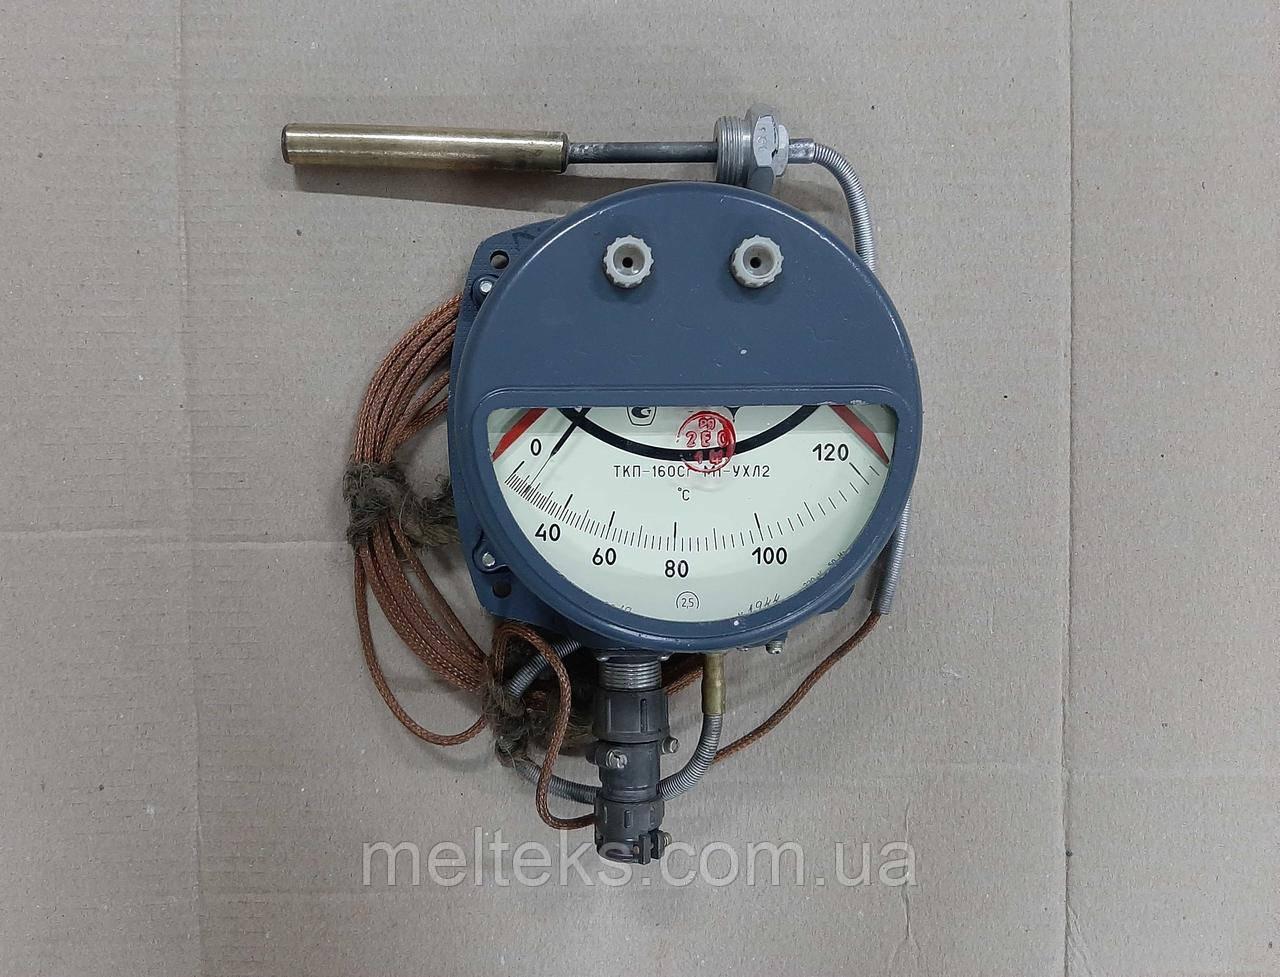 Термометр ТКП-160Сг 0-120 град. 4 м 2019 г.в.